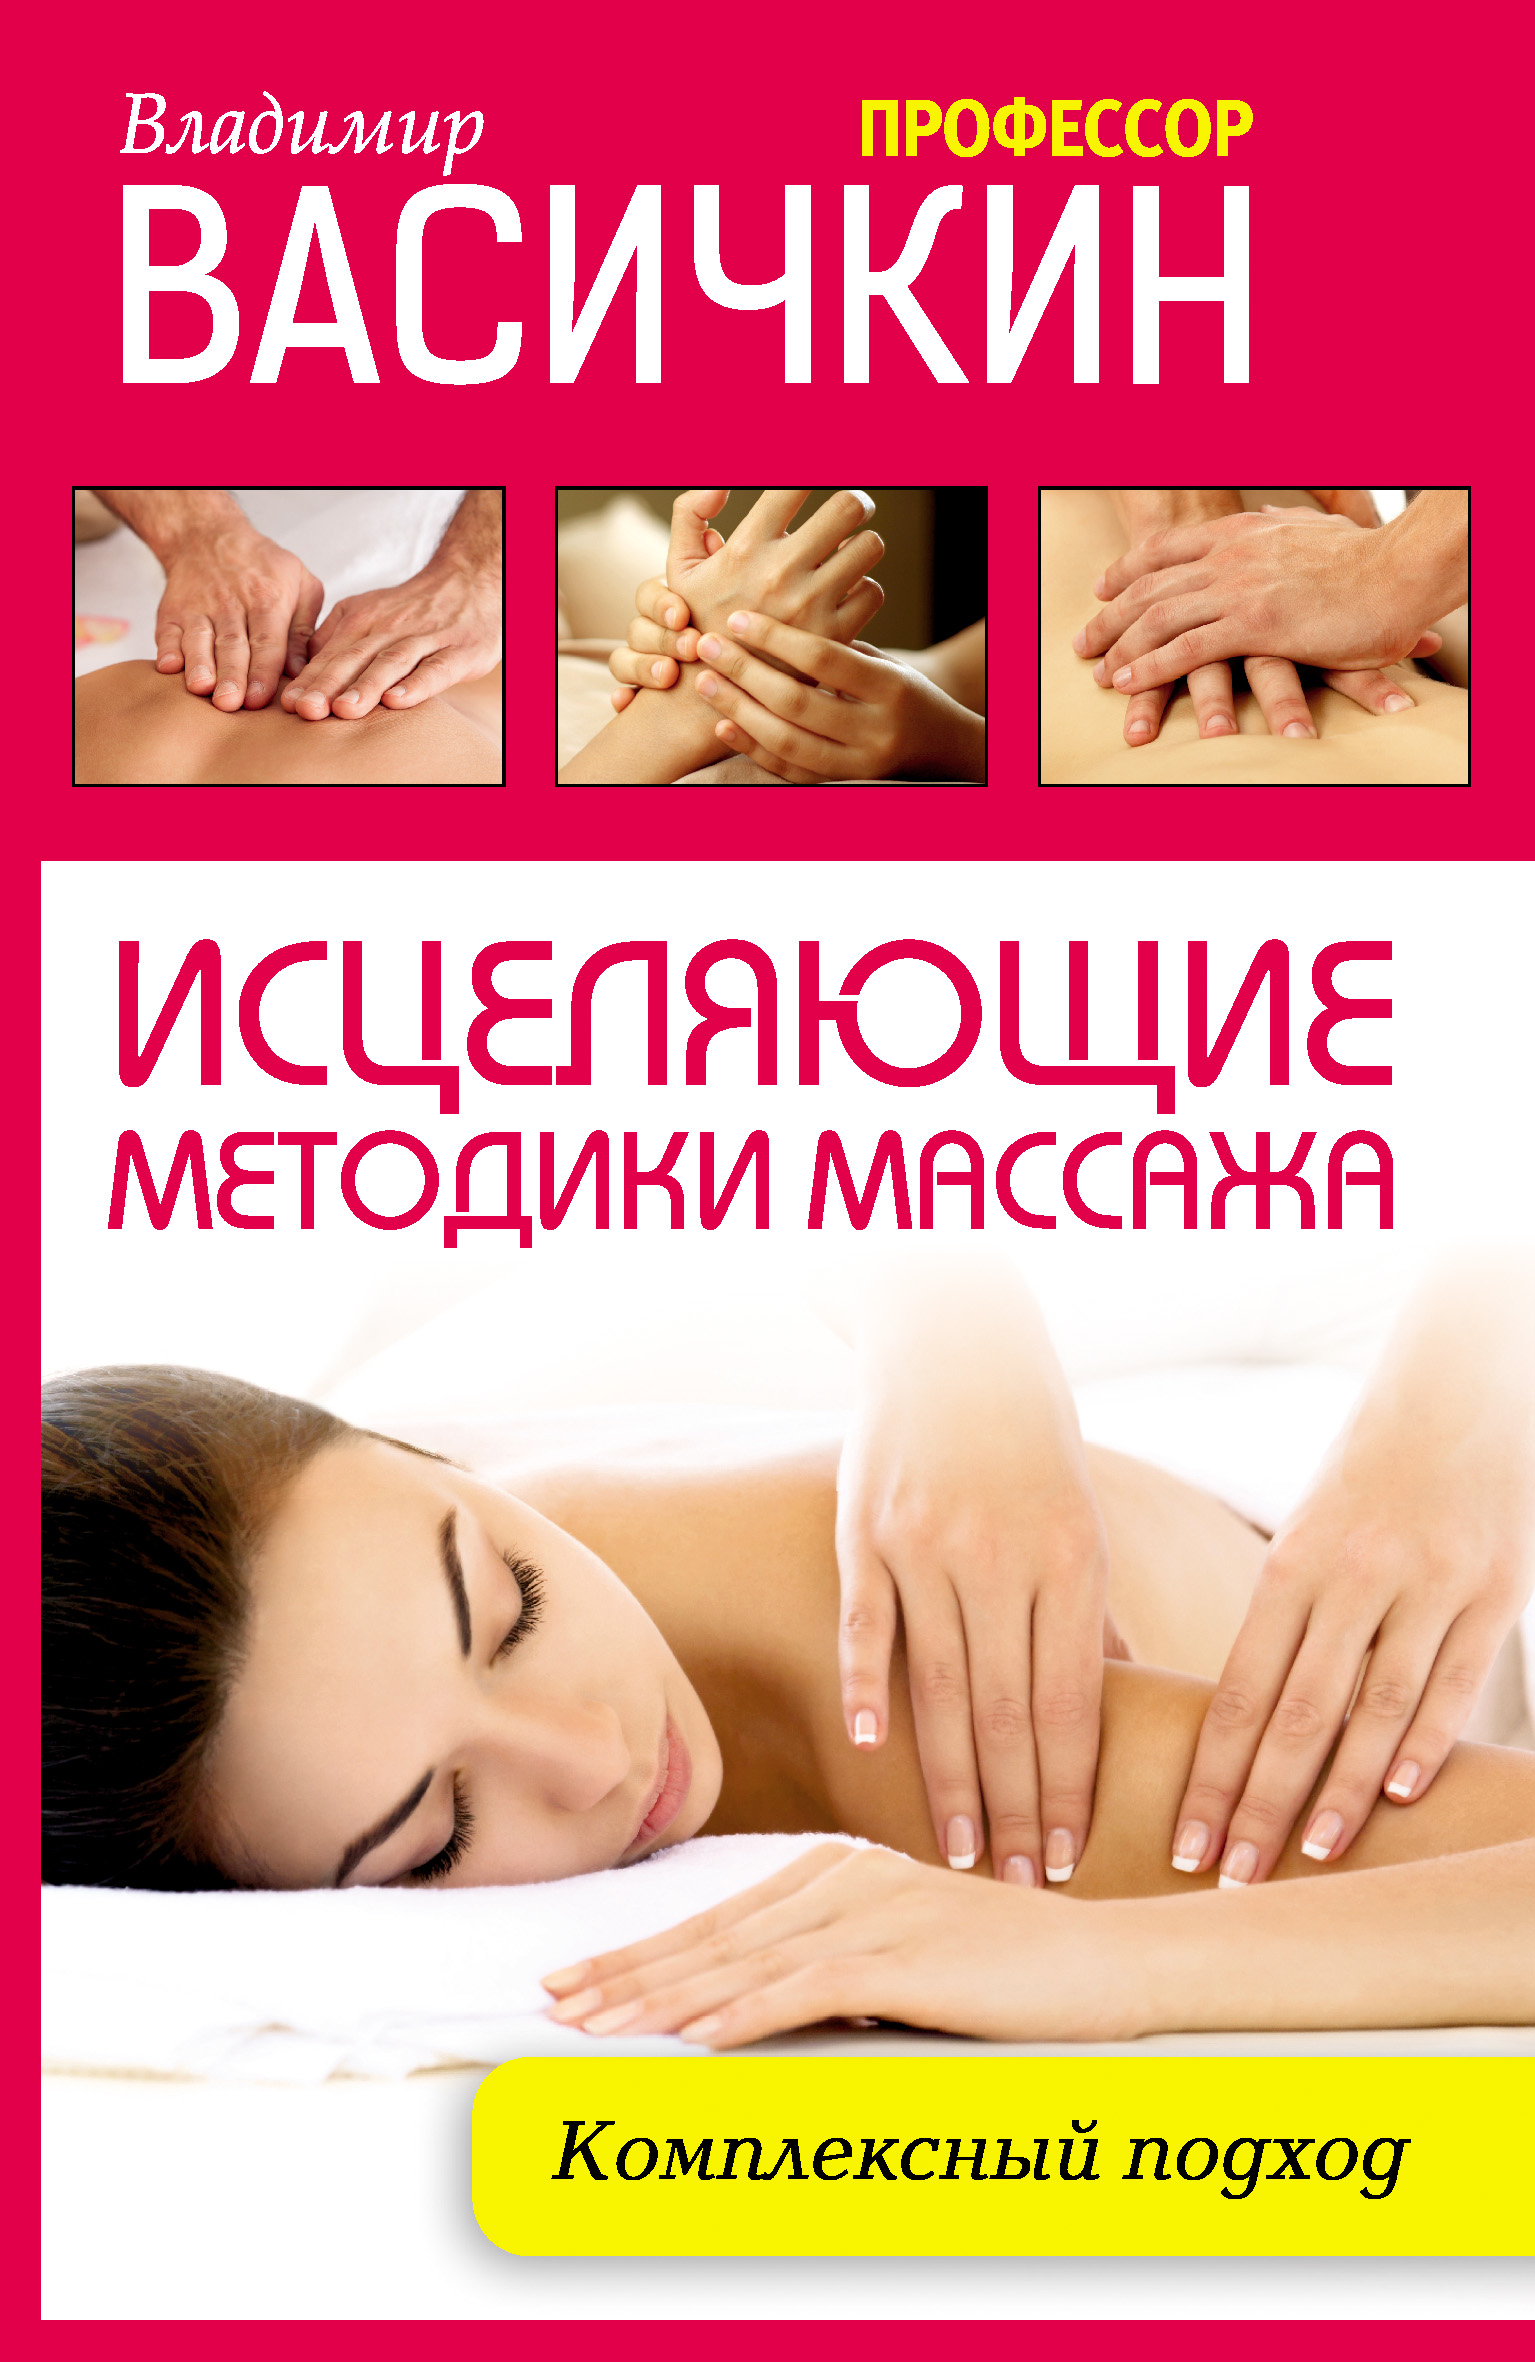 Владимир Васичкин «Исцеляющие методики массажа. Комплексный подход»